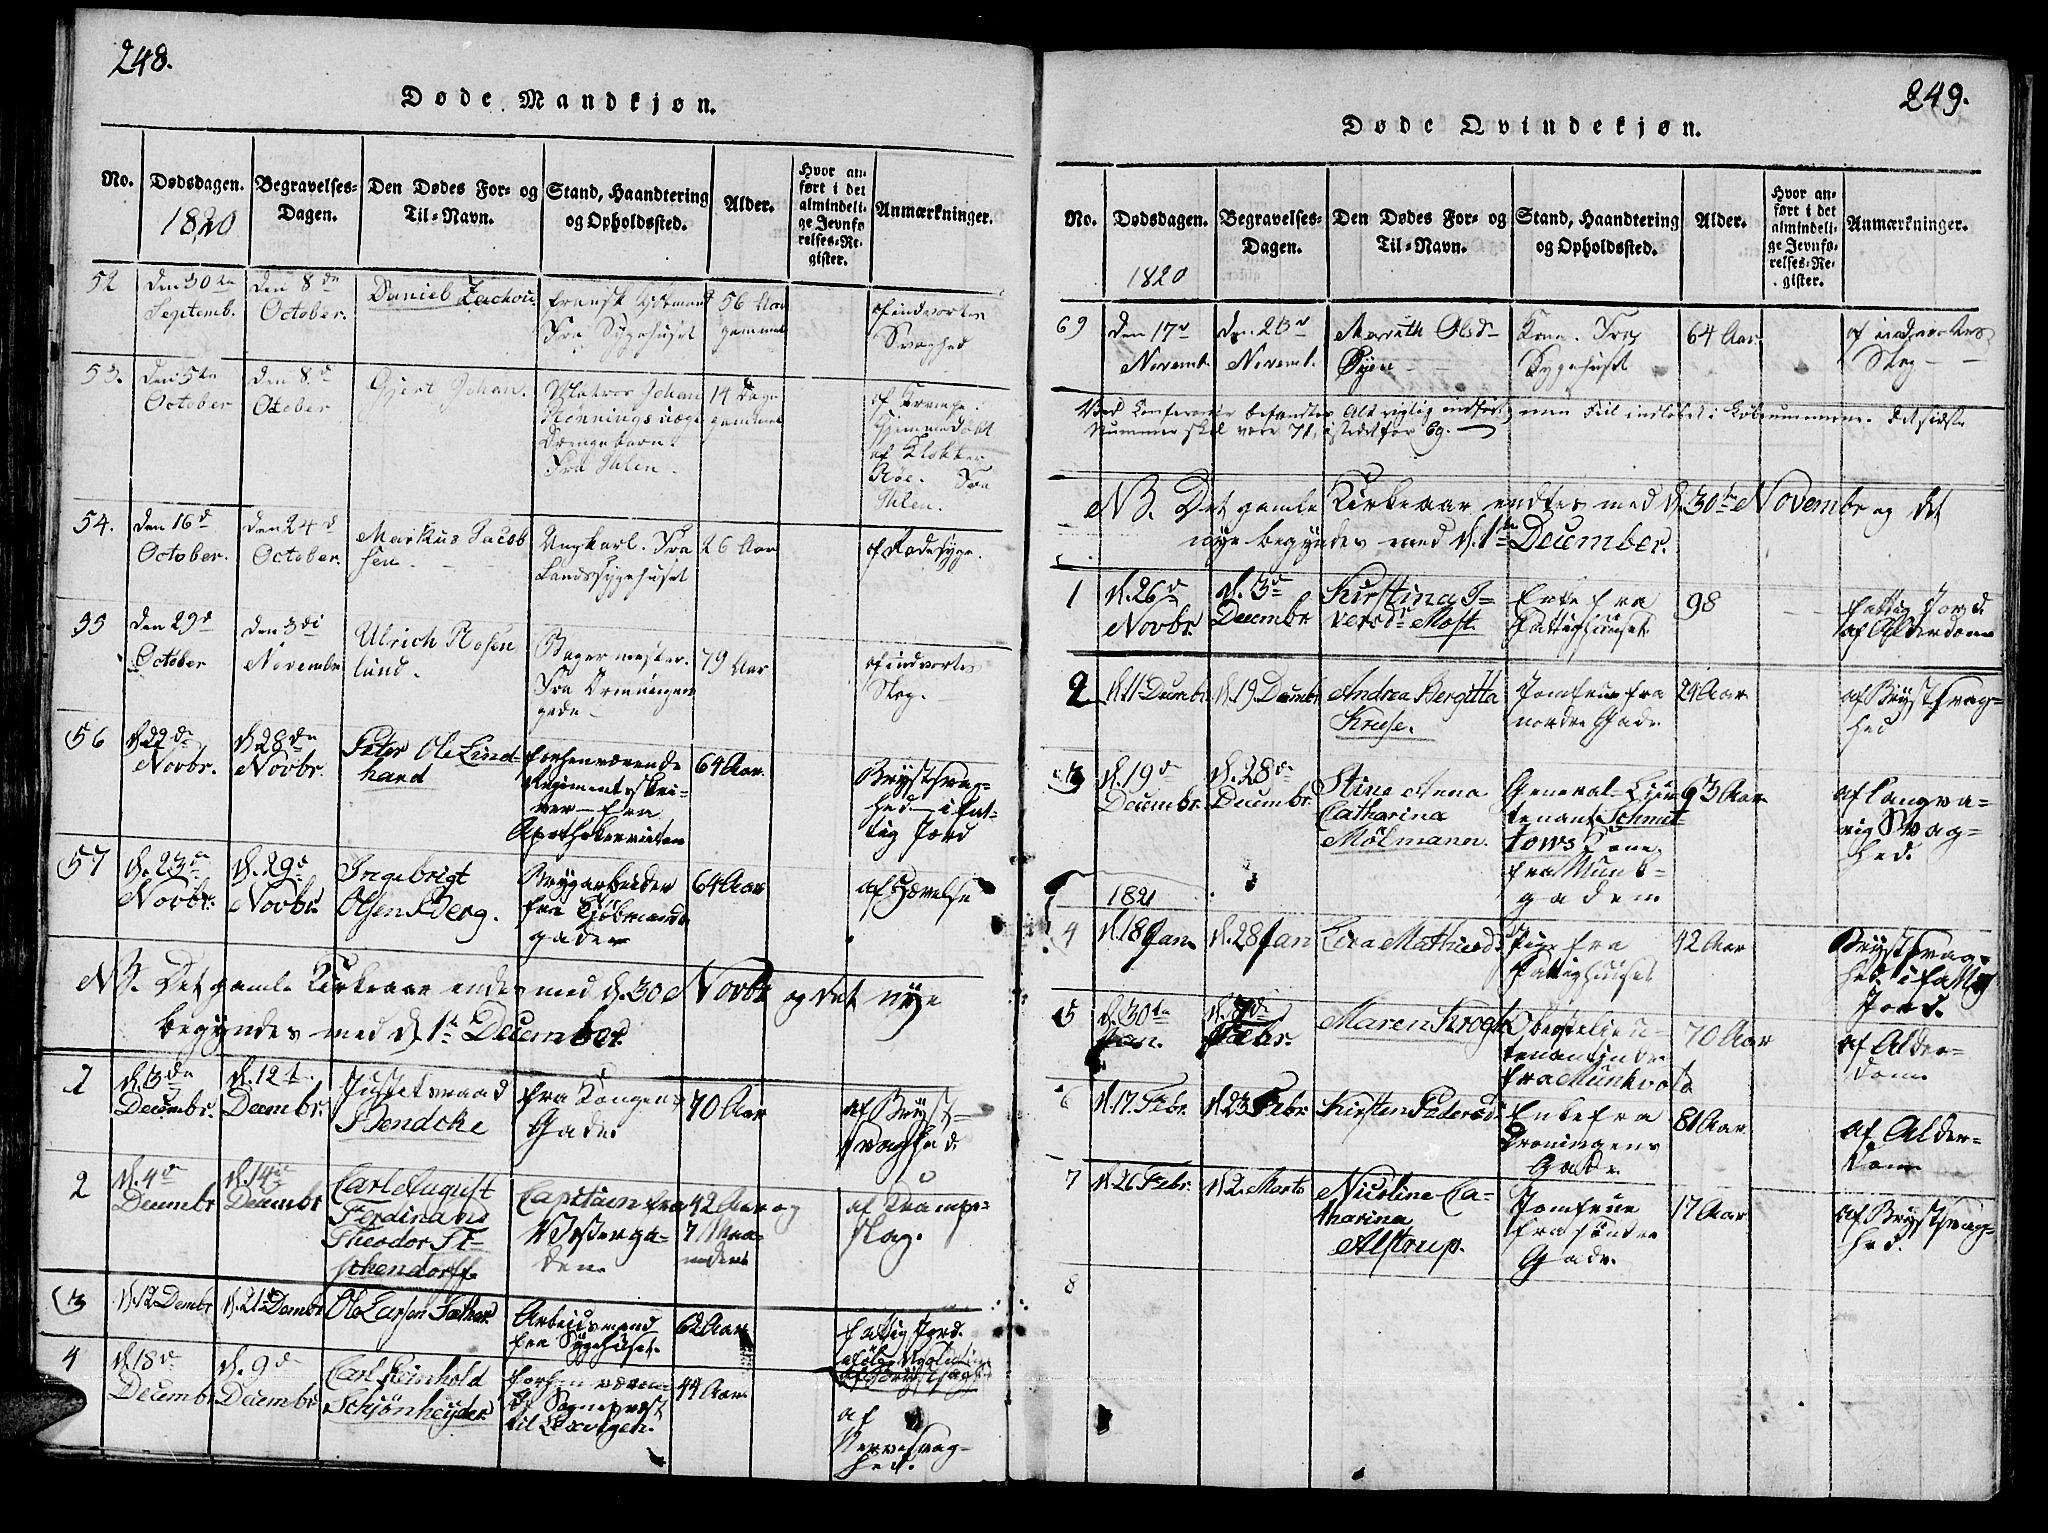 SAT, Ministerialprotokoller, klokkerbøker og fødselsregistre - Sør-Trøndelag, 601/L0043: Ministerialbok nr. 601A11, 1815-1821, s. 248-249